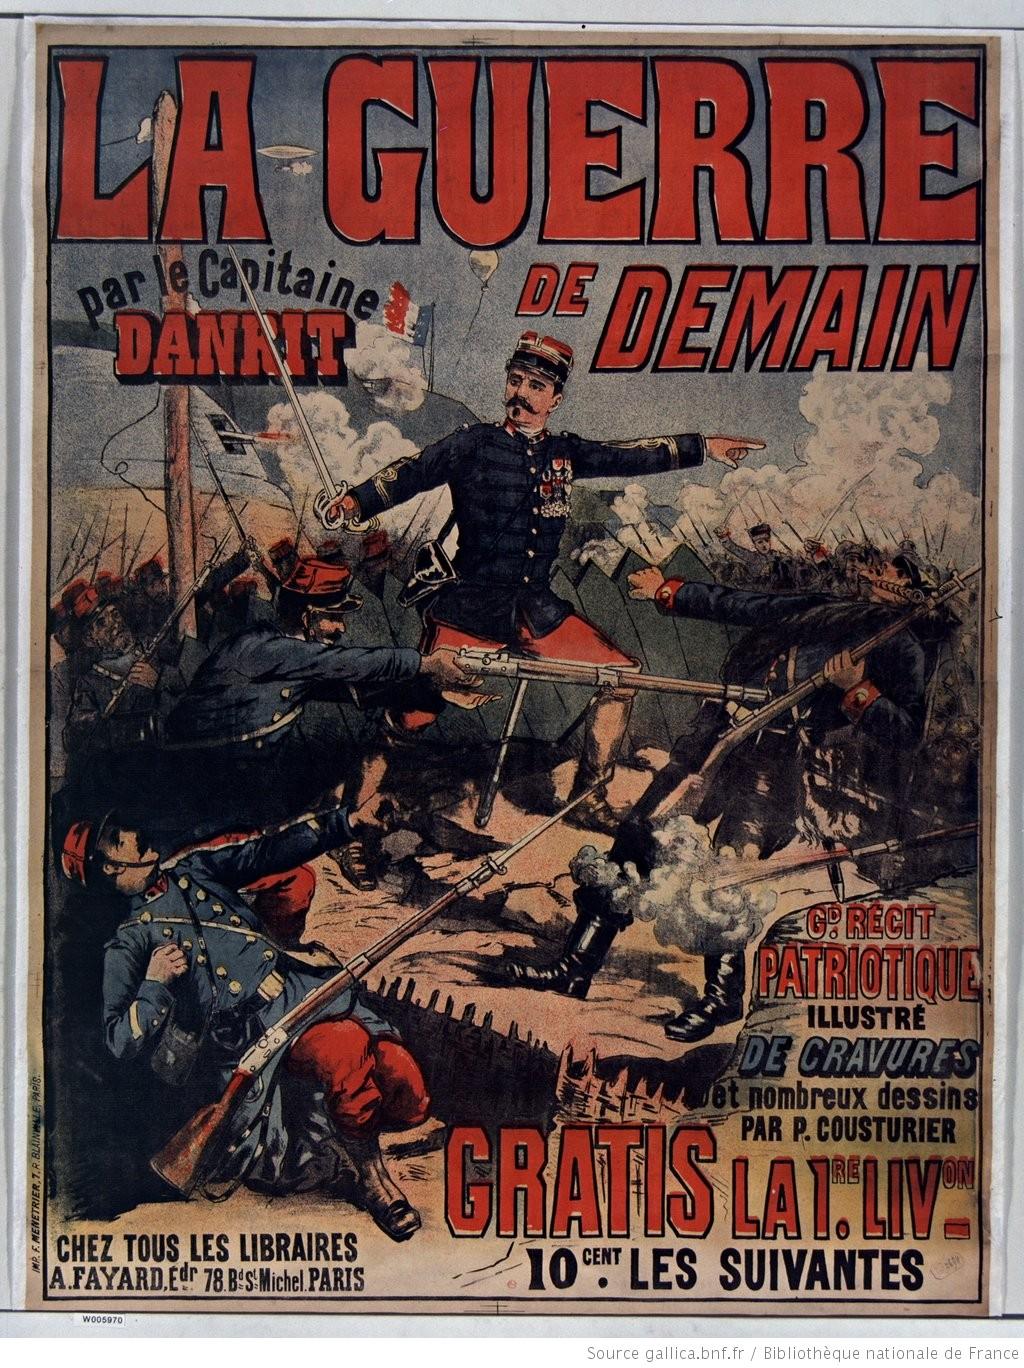 La Guerre de demain par le Capitaine Danrit... : [affiche] / [non identifié] - 1